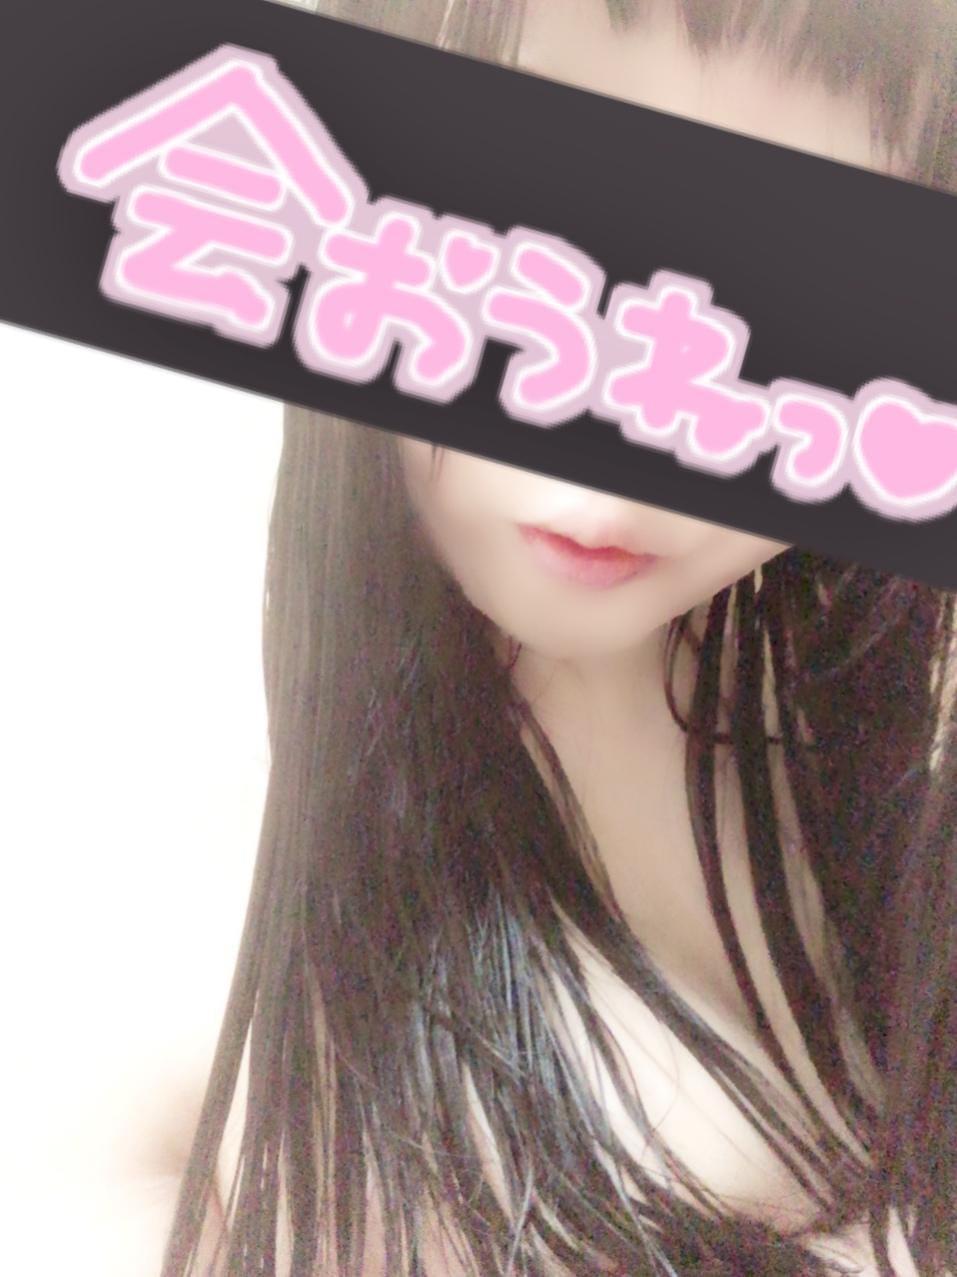 「明日ー!イベント♪」11/19(火) 19:20 | さりの写メ・風俗動画